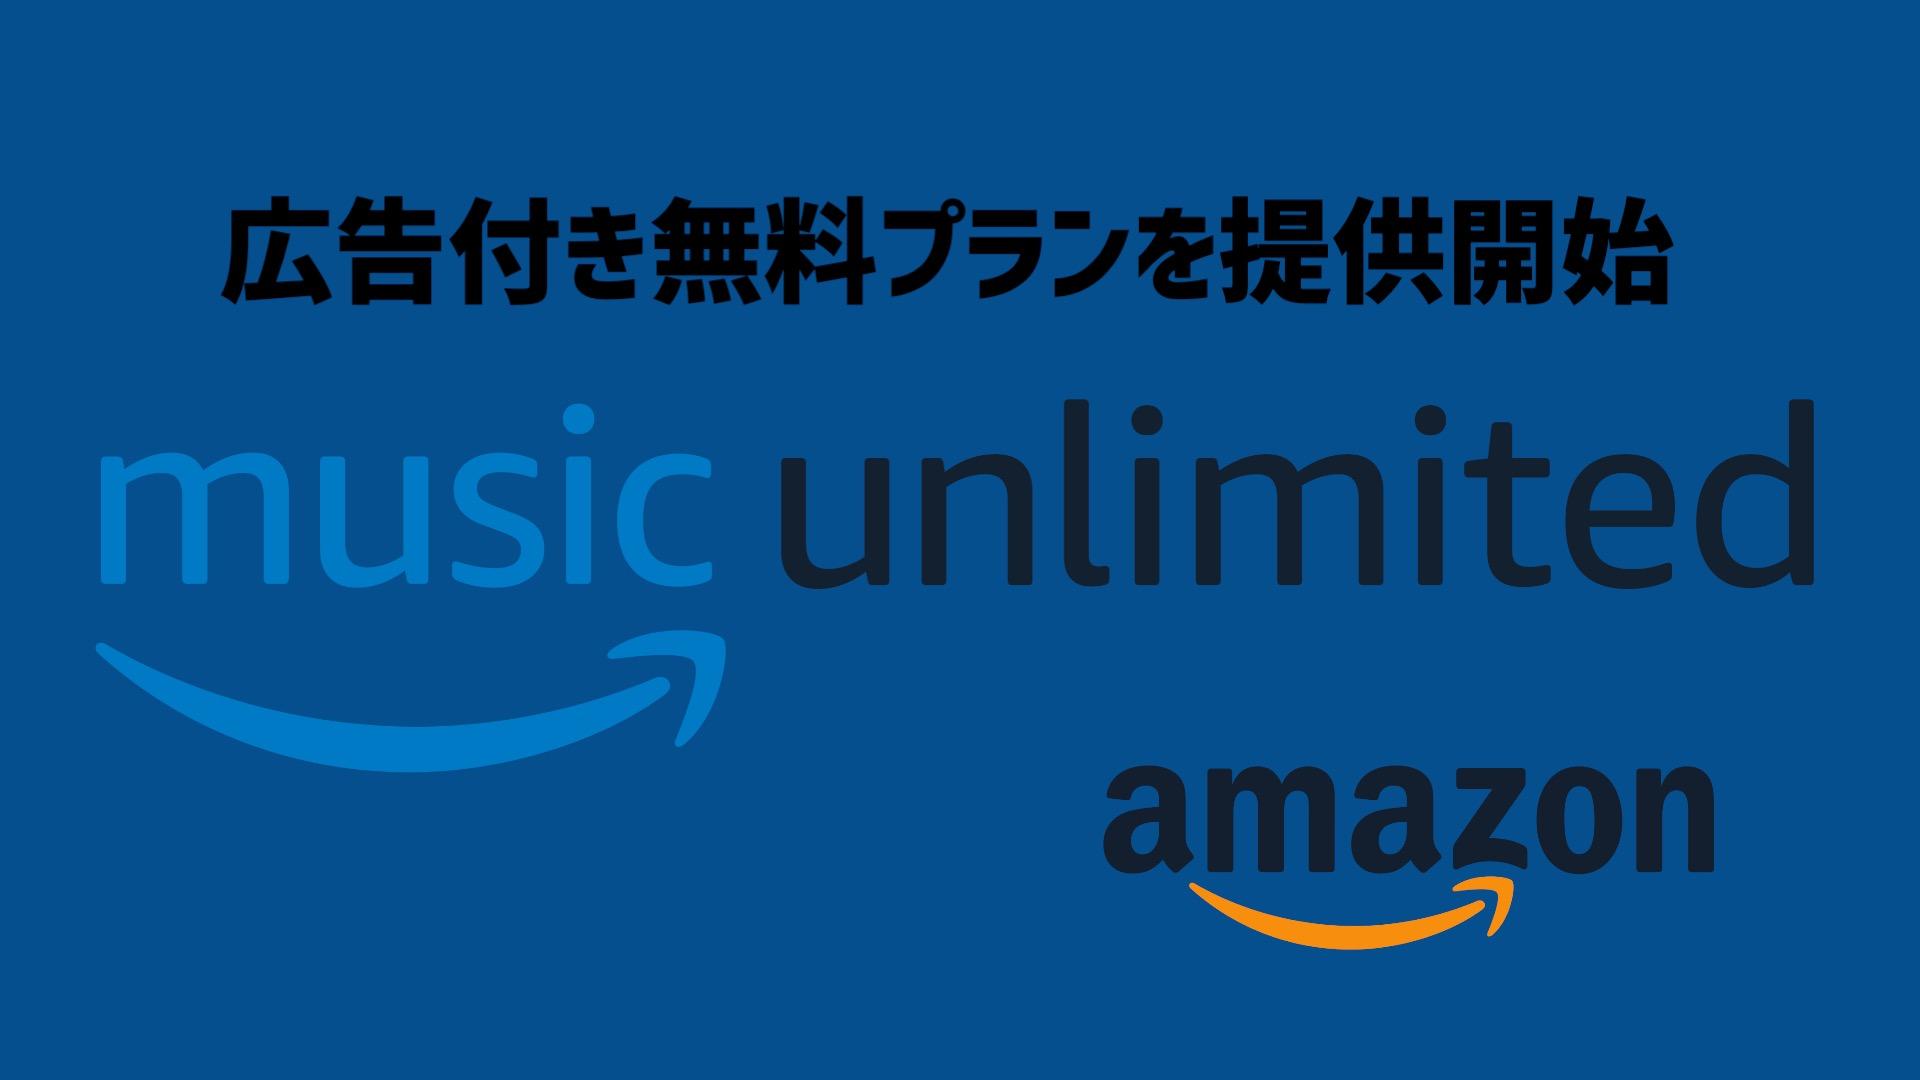 米Amazon、「Music Unlimited」の広告付き無料プランを提供開始